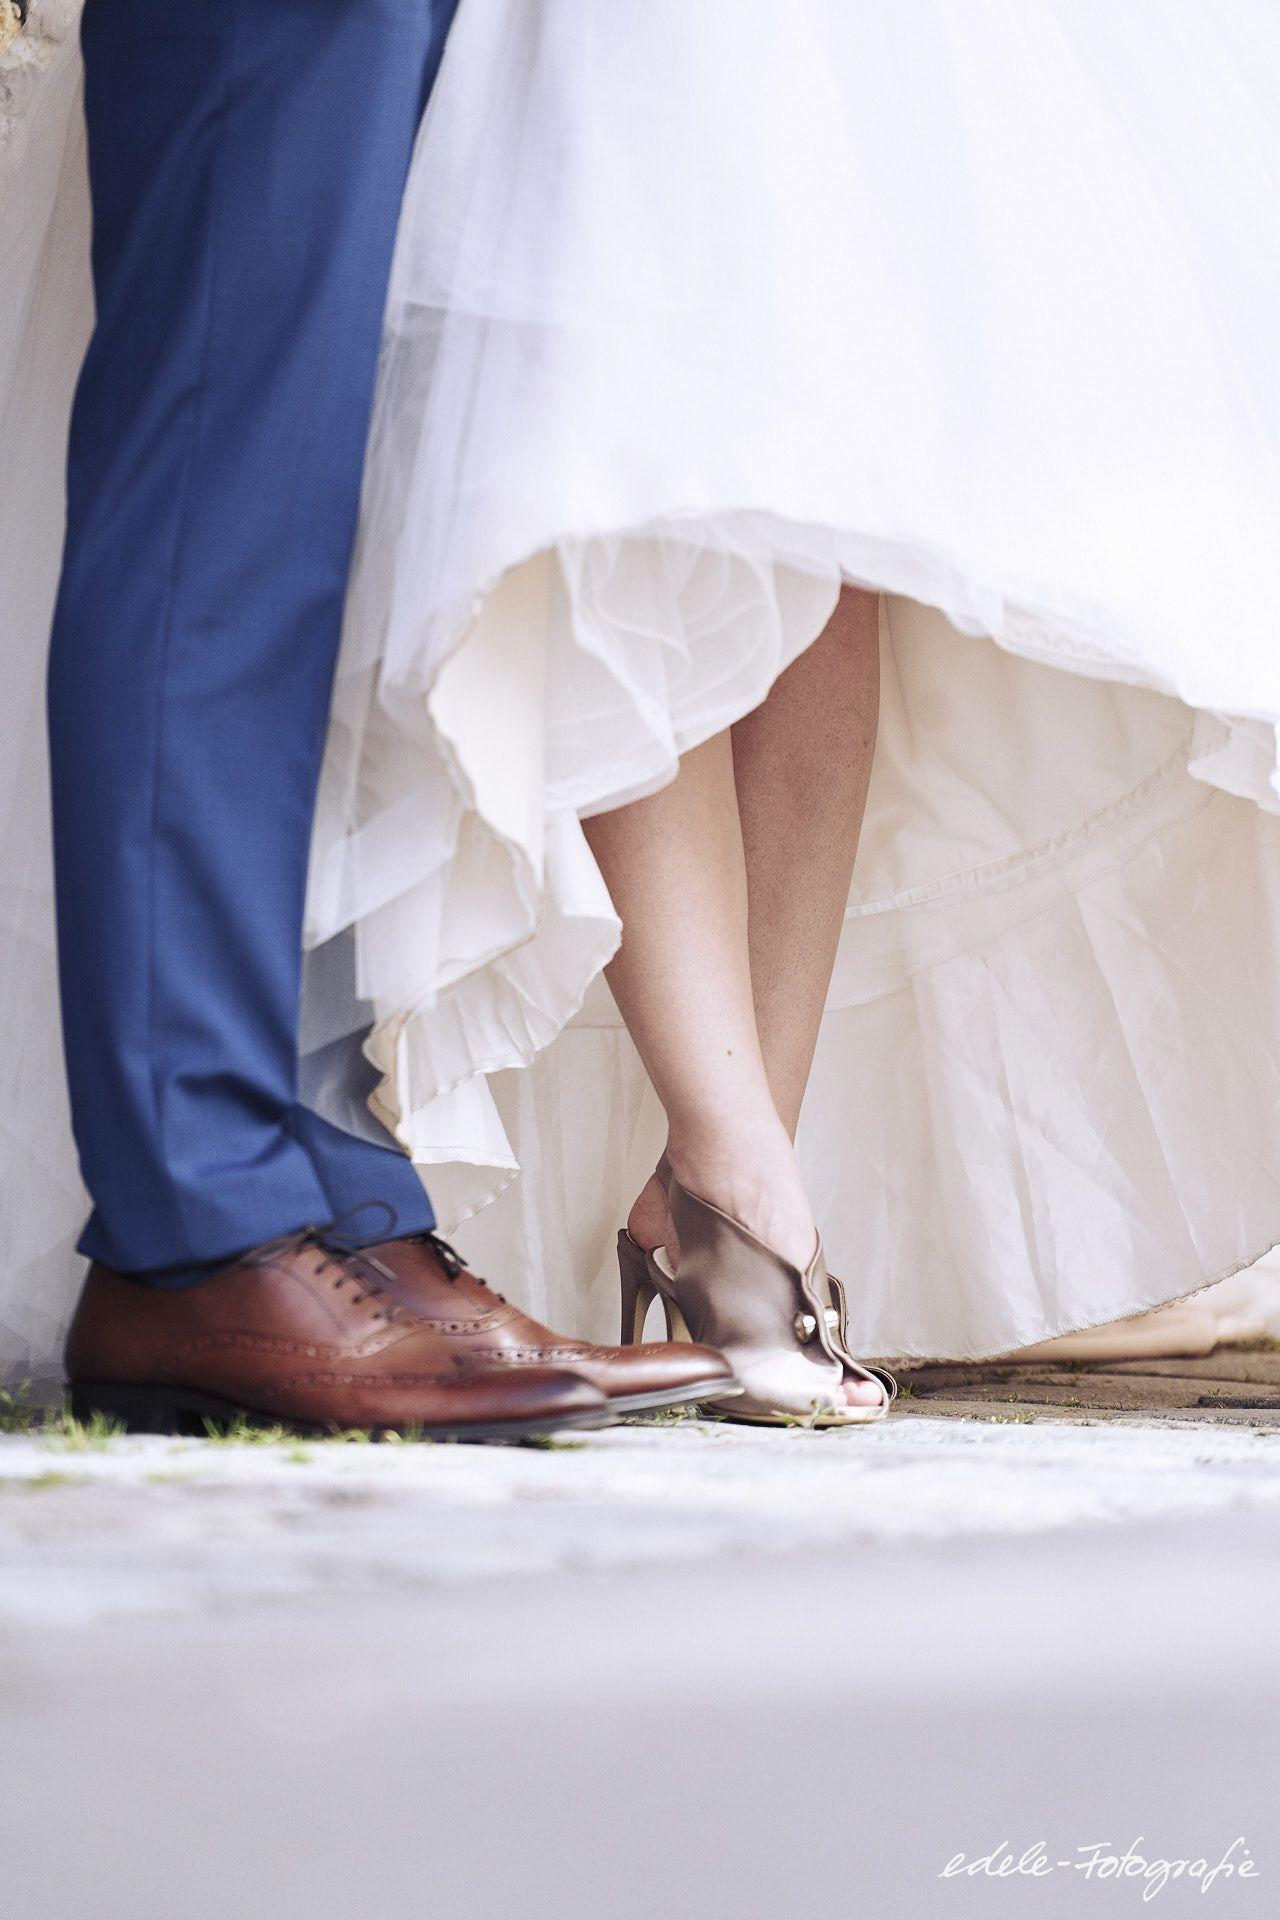 Was die Braut drunter trägt. Fotograf aus Karlsruhe: Mehr